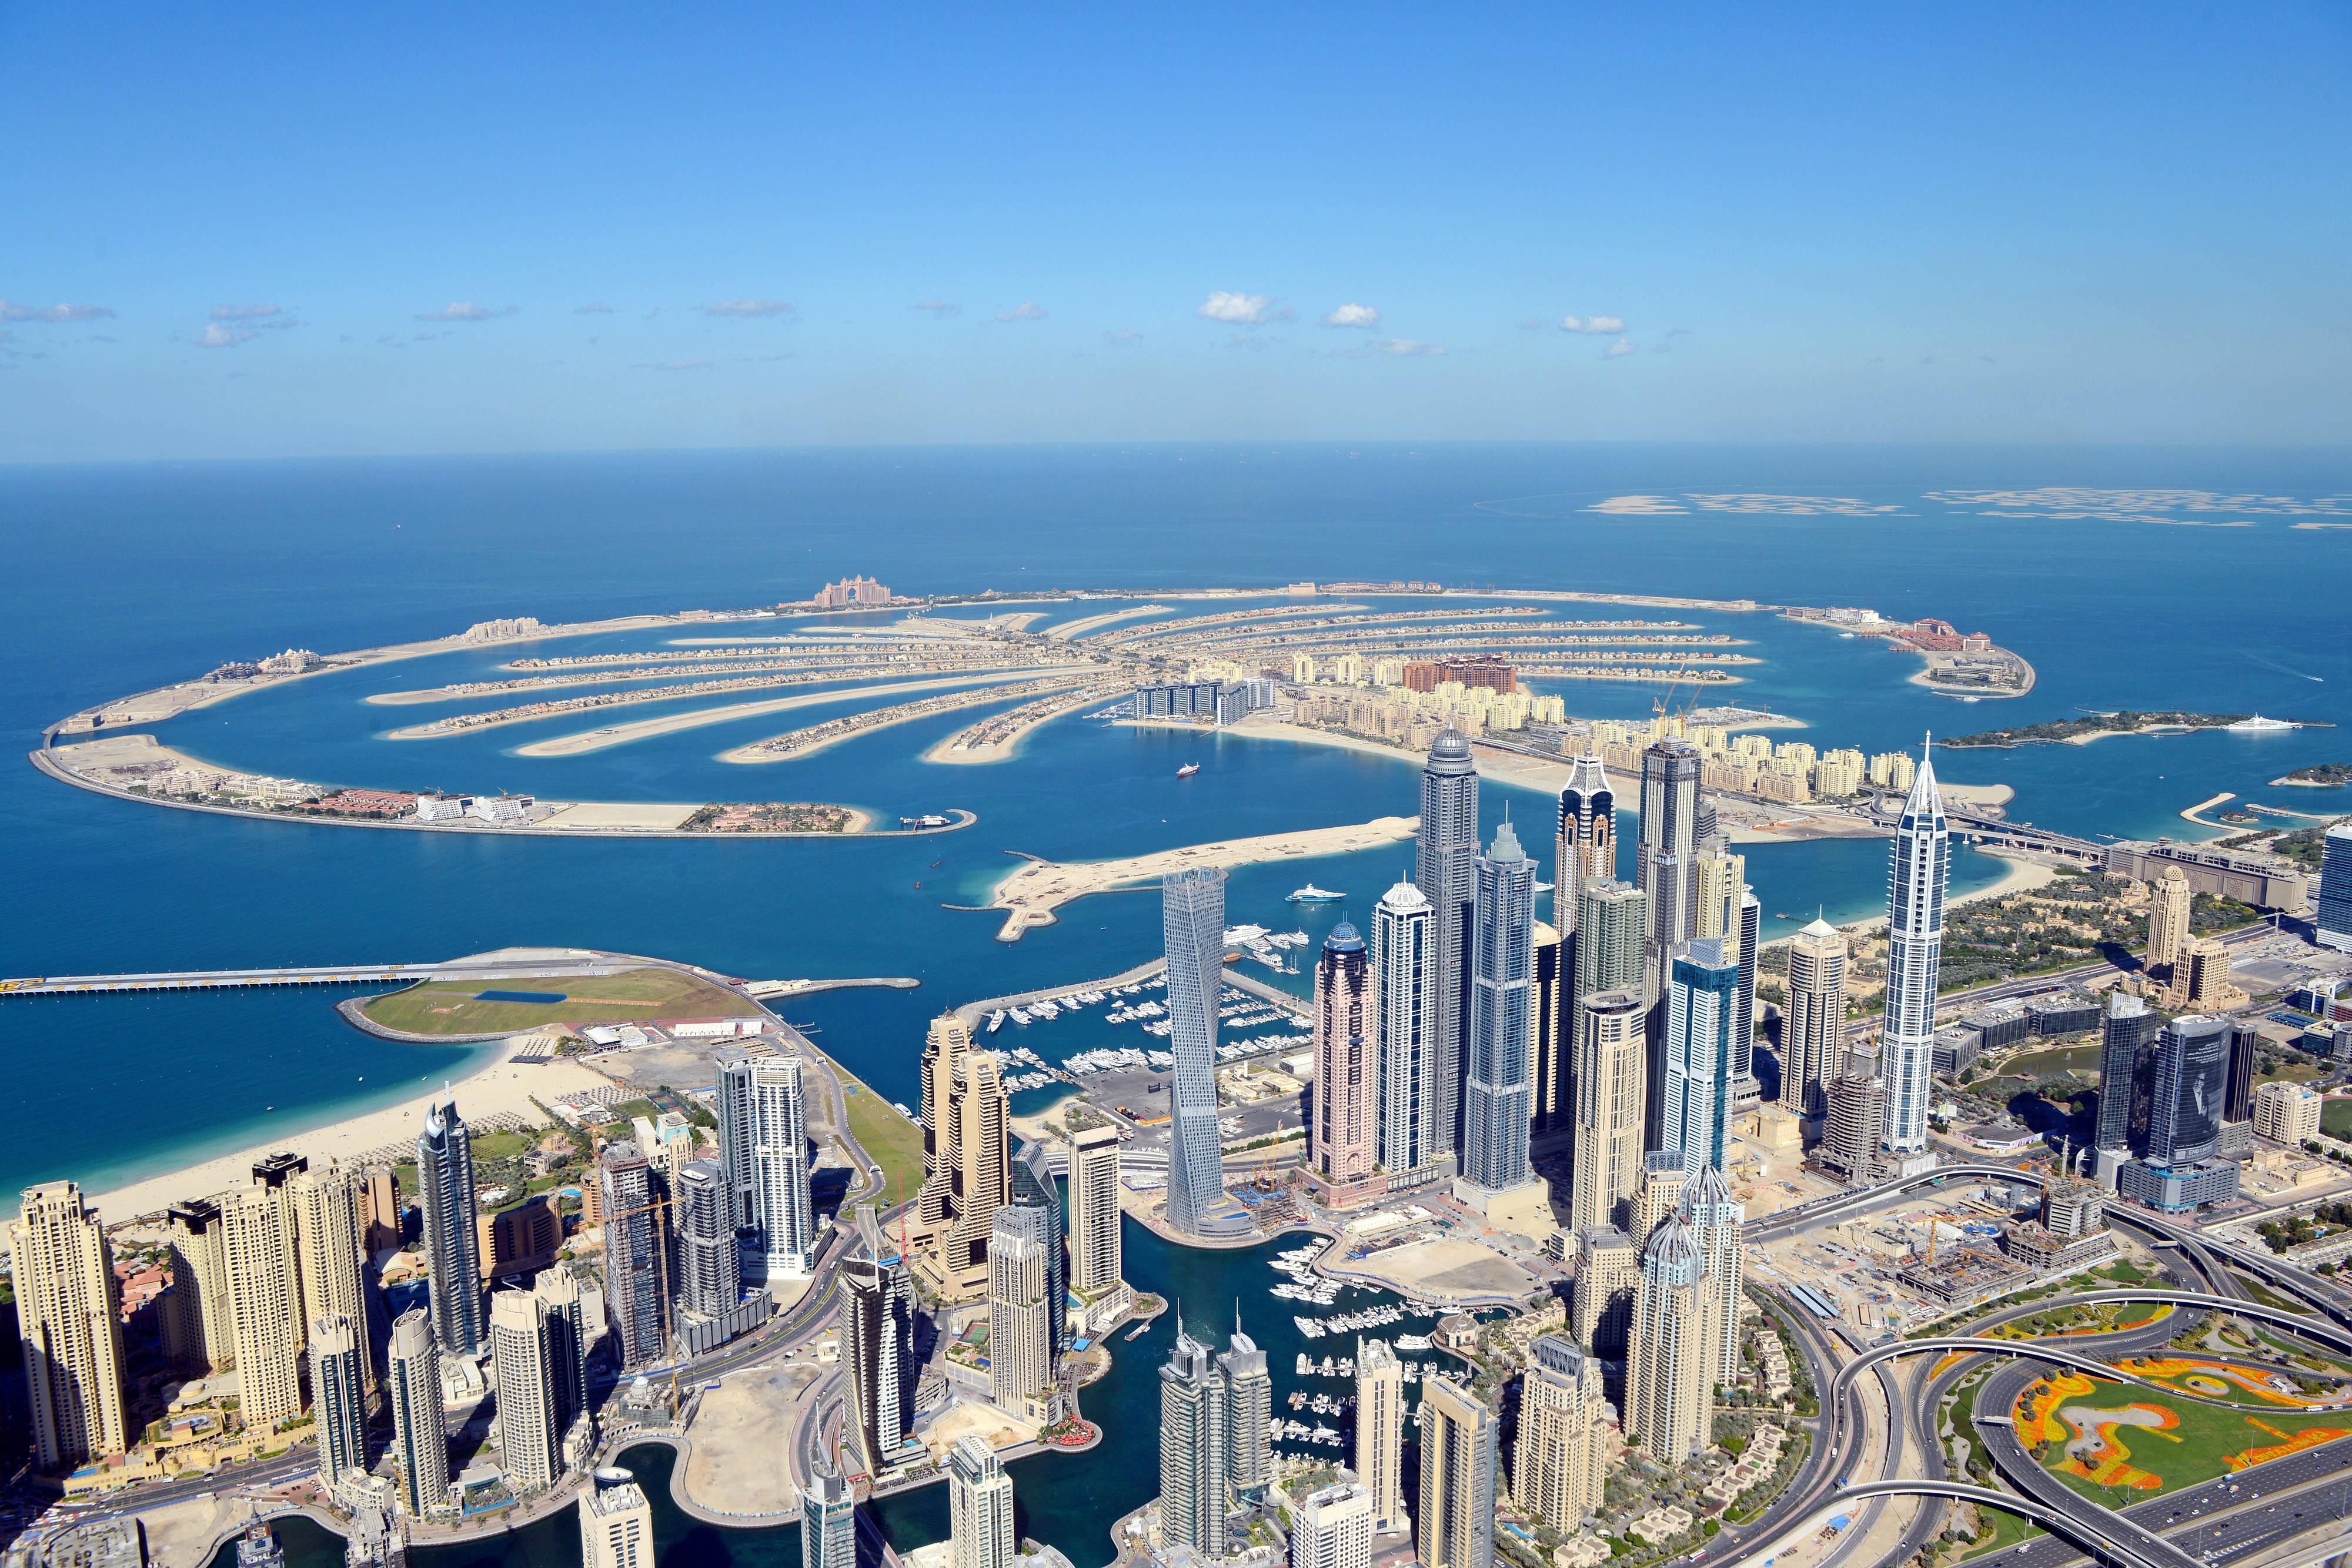 Dubai hotel aerial view